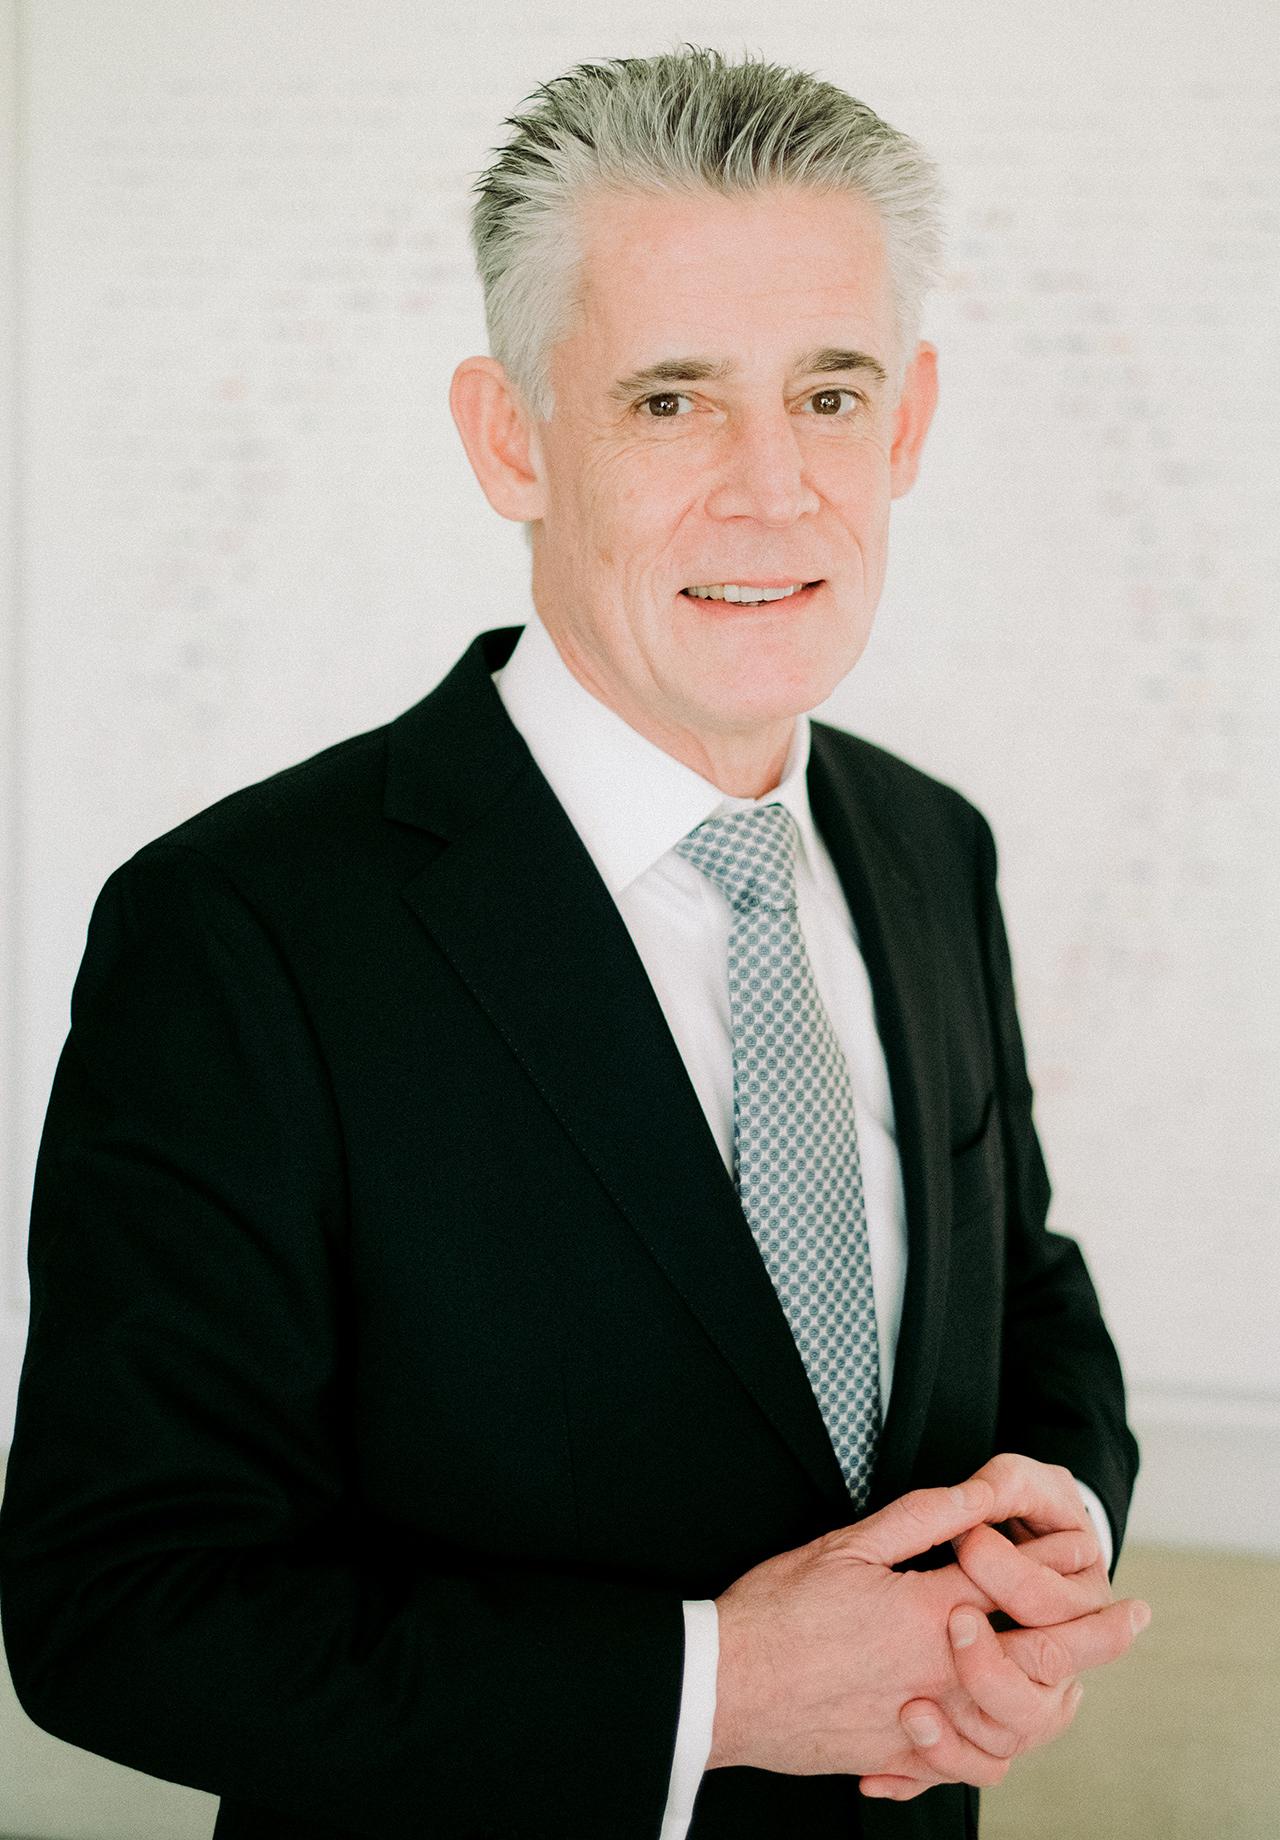 groom European-cut black suit patterned tie